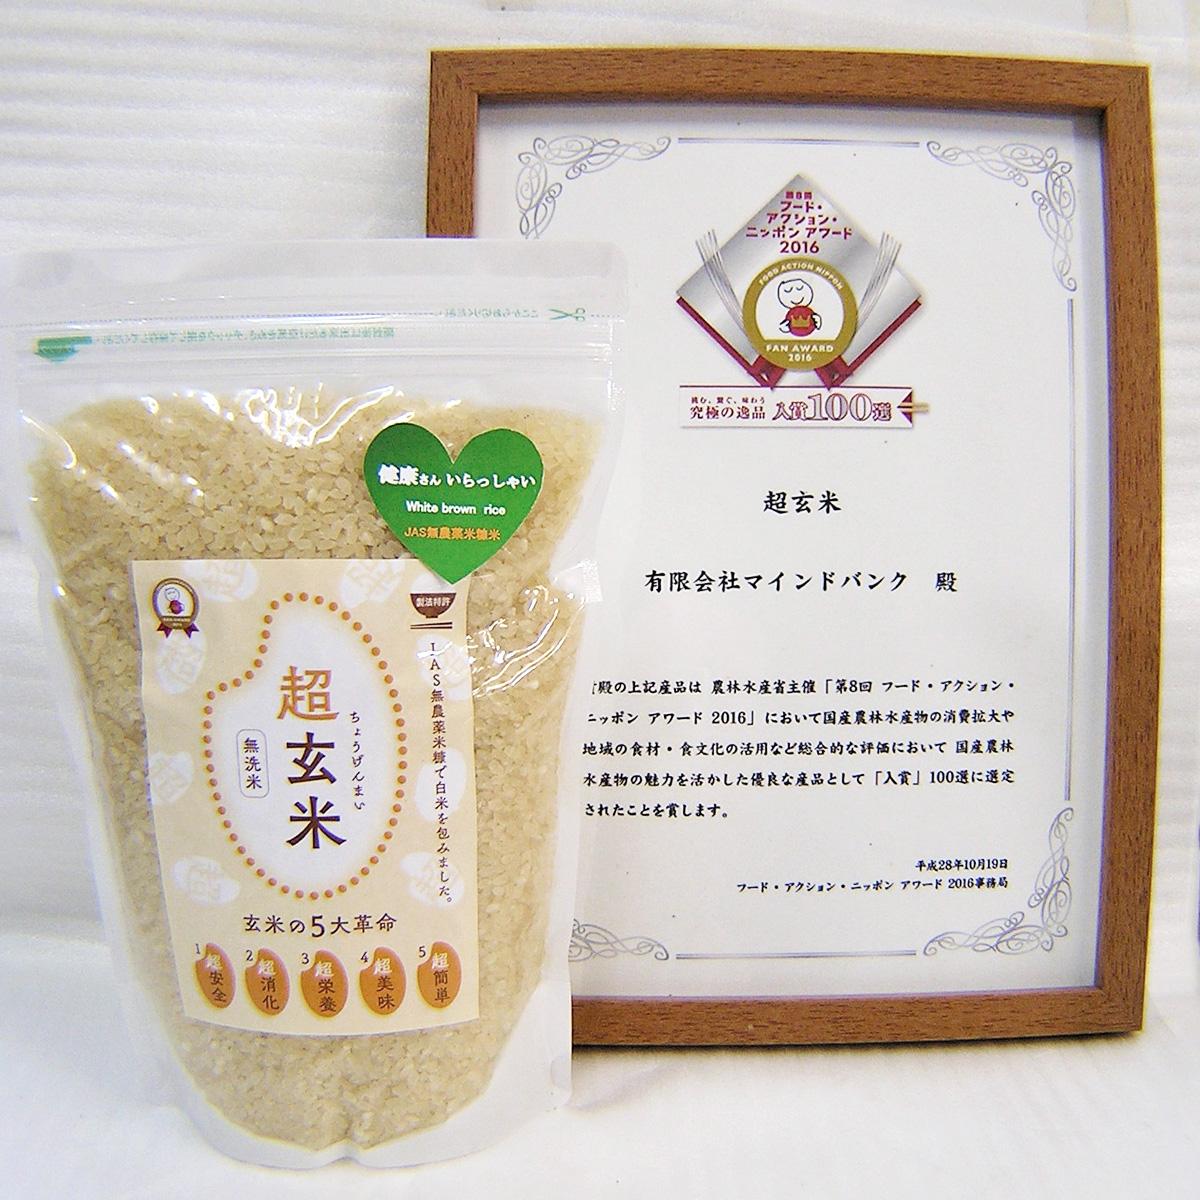 お米大好き本舗 JAS無農薬米ぬかで白米を包み込んだ消化の良い玄米 超玄米〔1kg×3袋〕